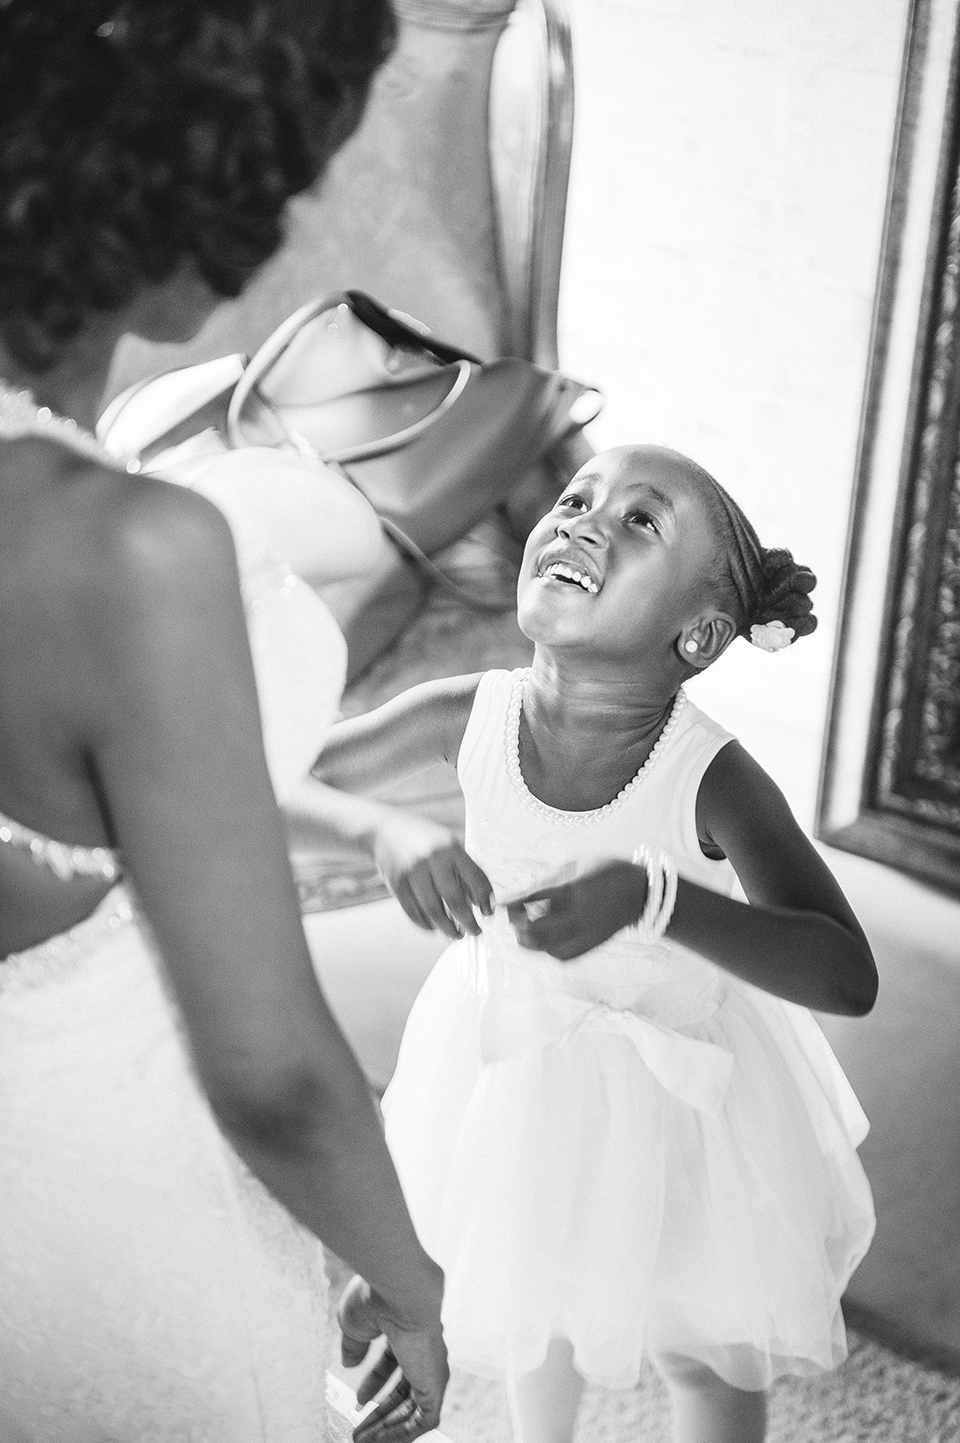 RyanParker_WeddingPhotographer_FineArt_CapeTown_Johannesburg_Hermanus_Avianto_T&L_DSC_8900.jpg